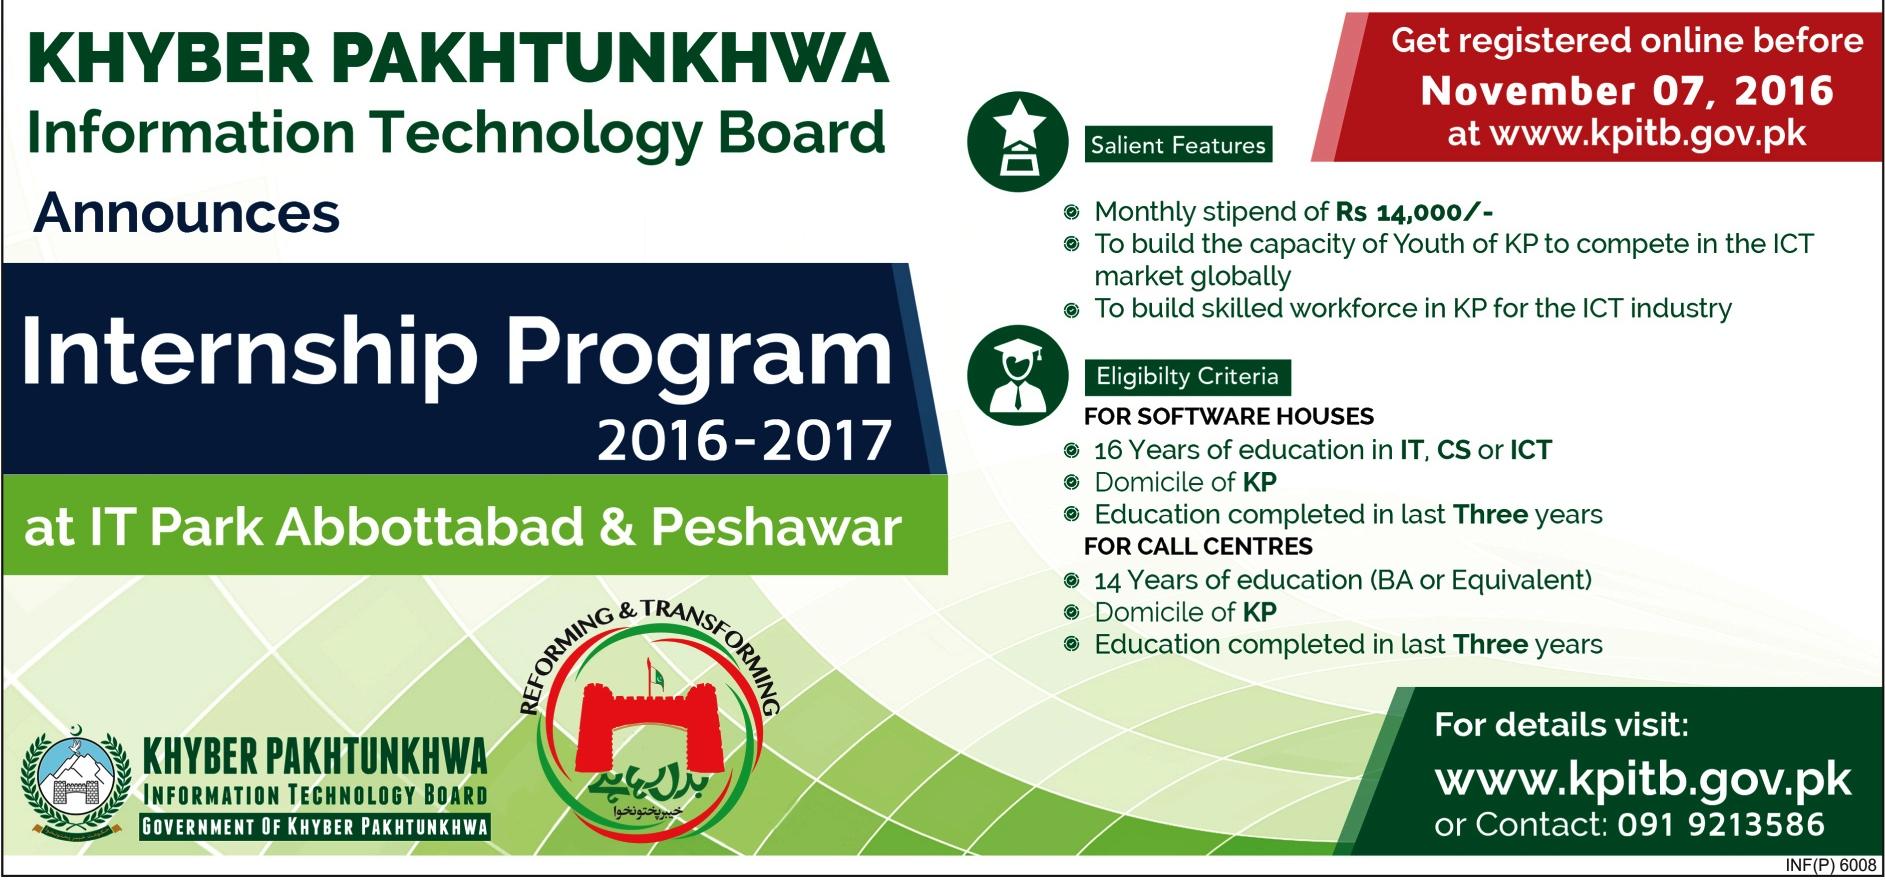 KPK IT Board Internship Program 2016-2017 Online Registration